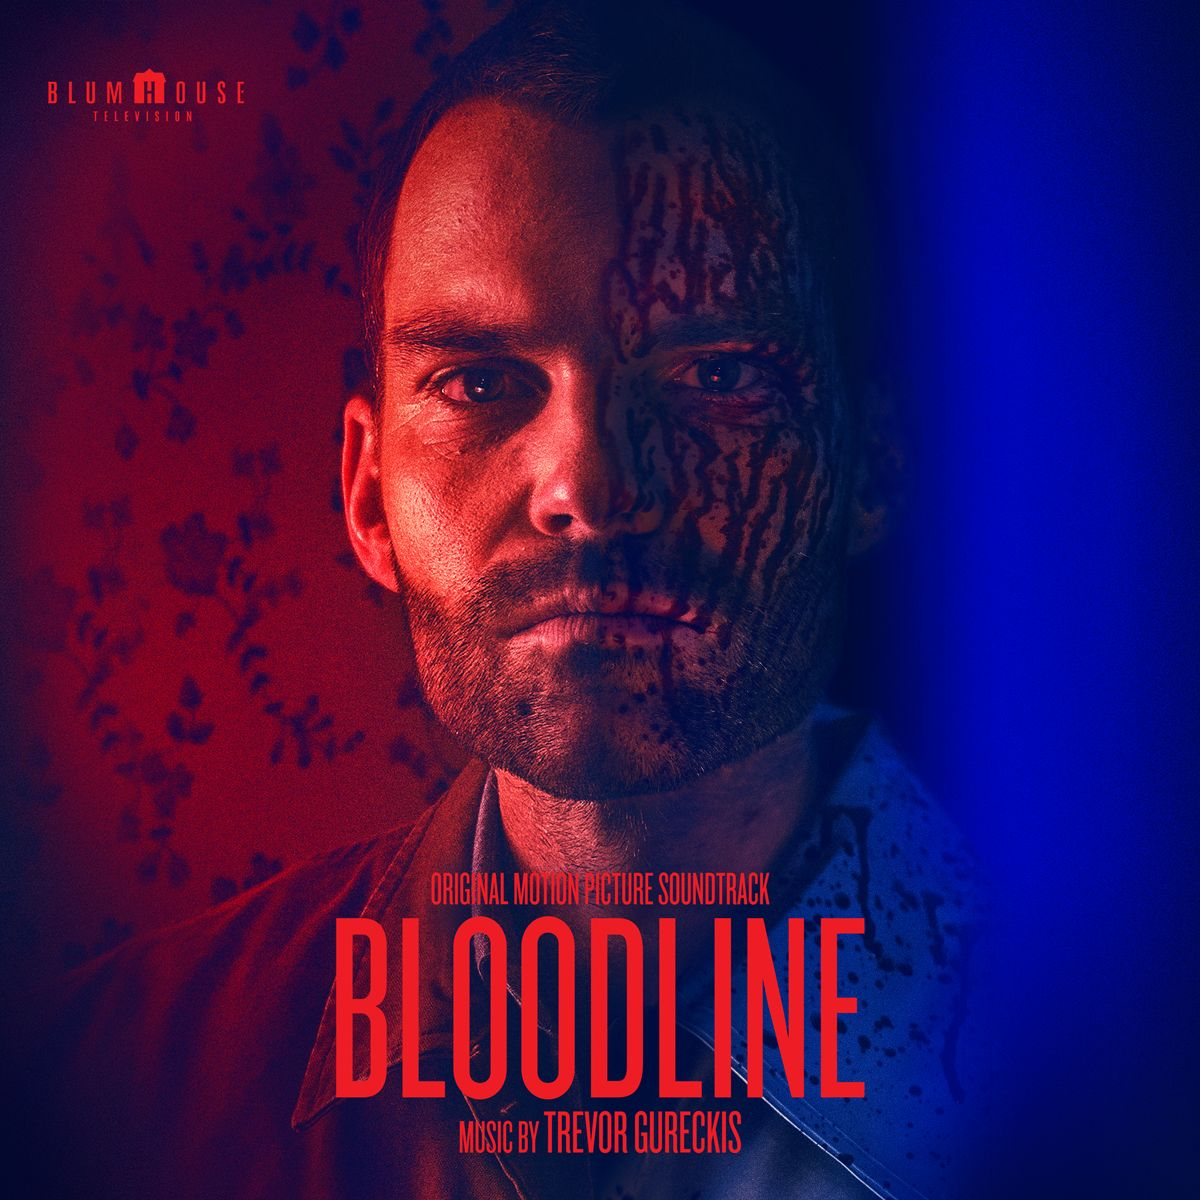 bloodline soundtrack